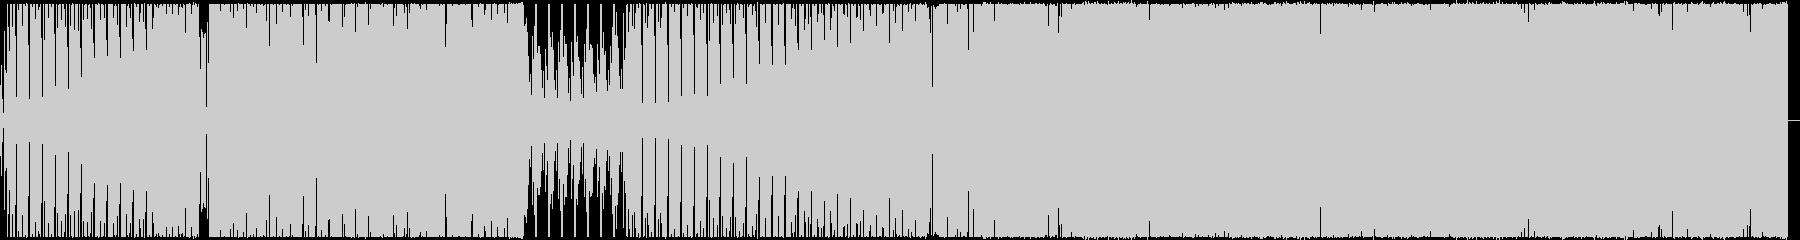 【BGM】ベースが激しいテクノ曲の未再生の波形